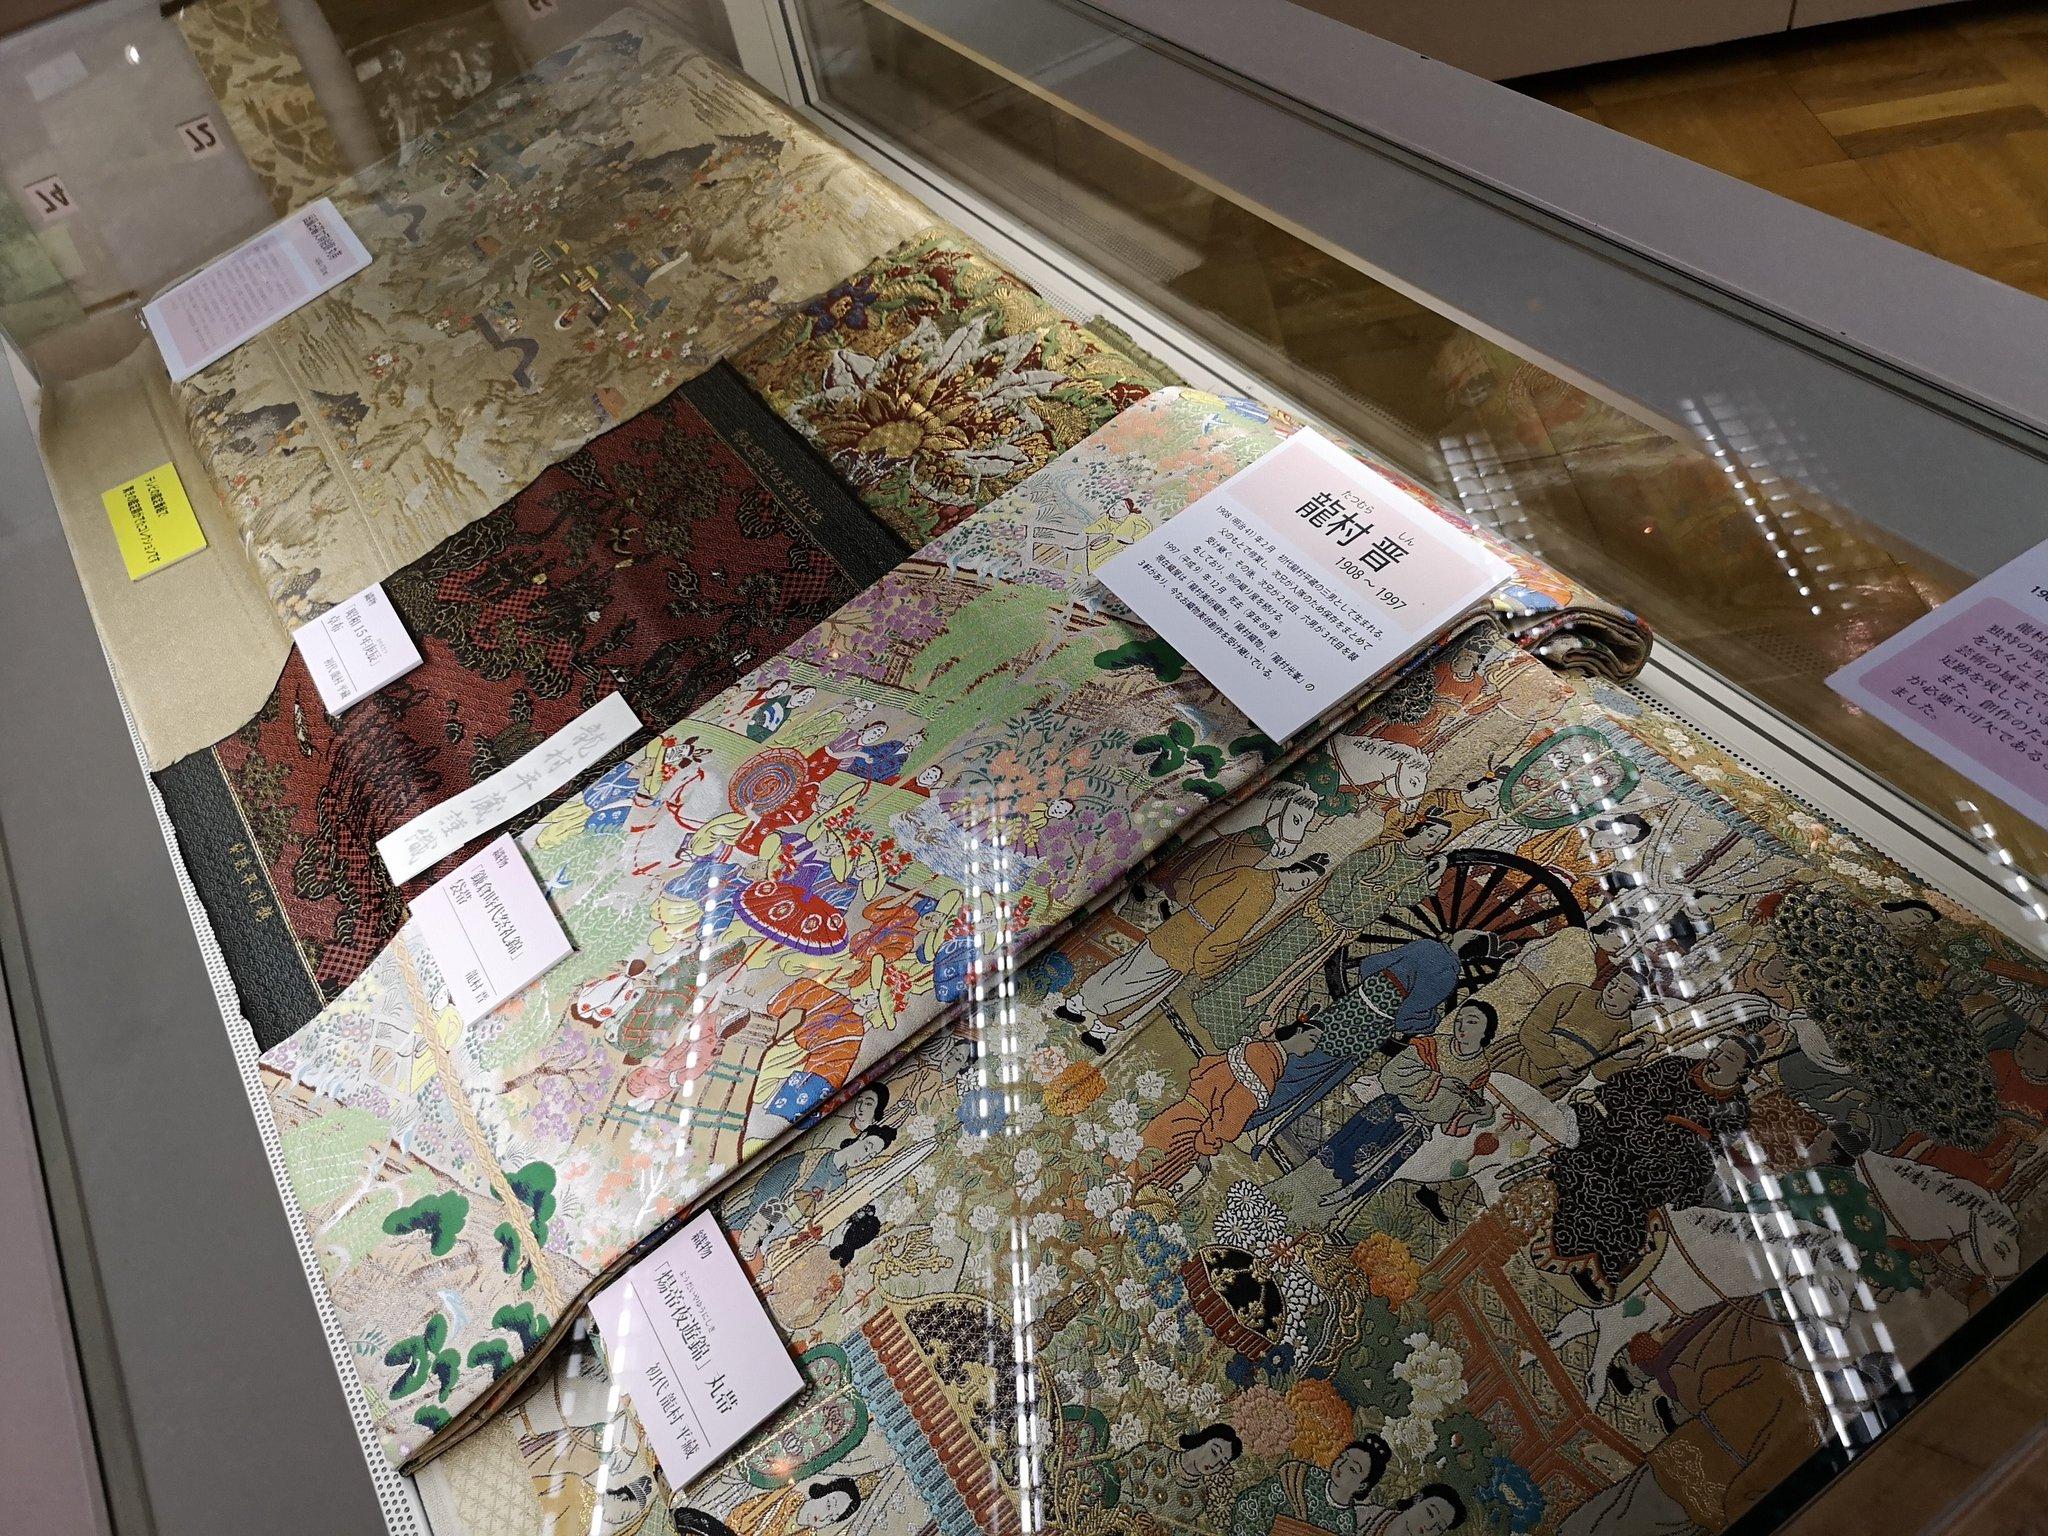 揖斐川町地域交流センター「はなもも」のホール緞帳は、織りを(株)龍村美術織物が手がけました。今回の展示では、初代から三代までの龍村平蔵による帯などもあわせて展示。 https://t.co/58xzkzj9bU